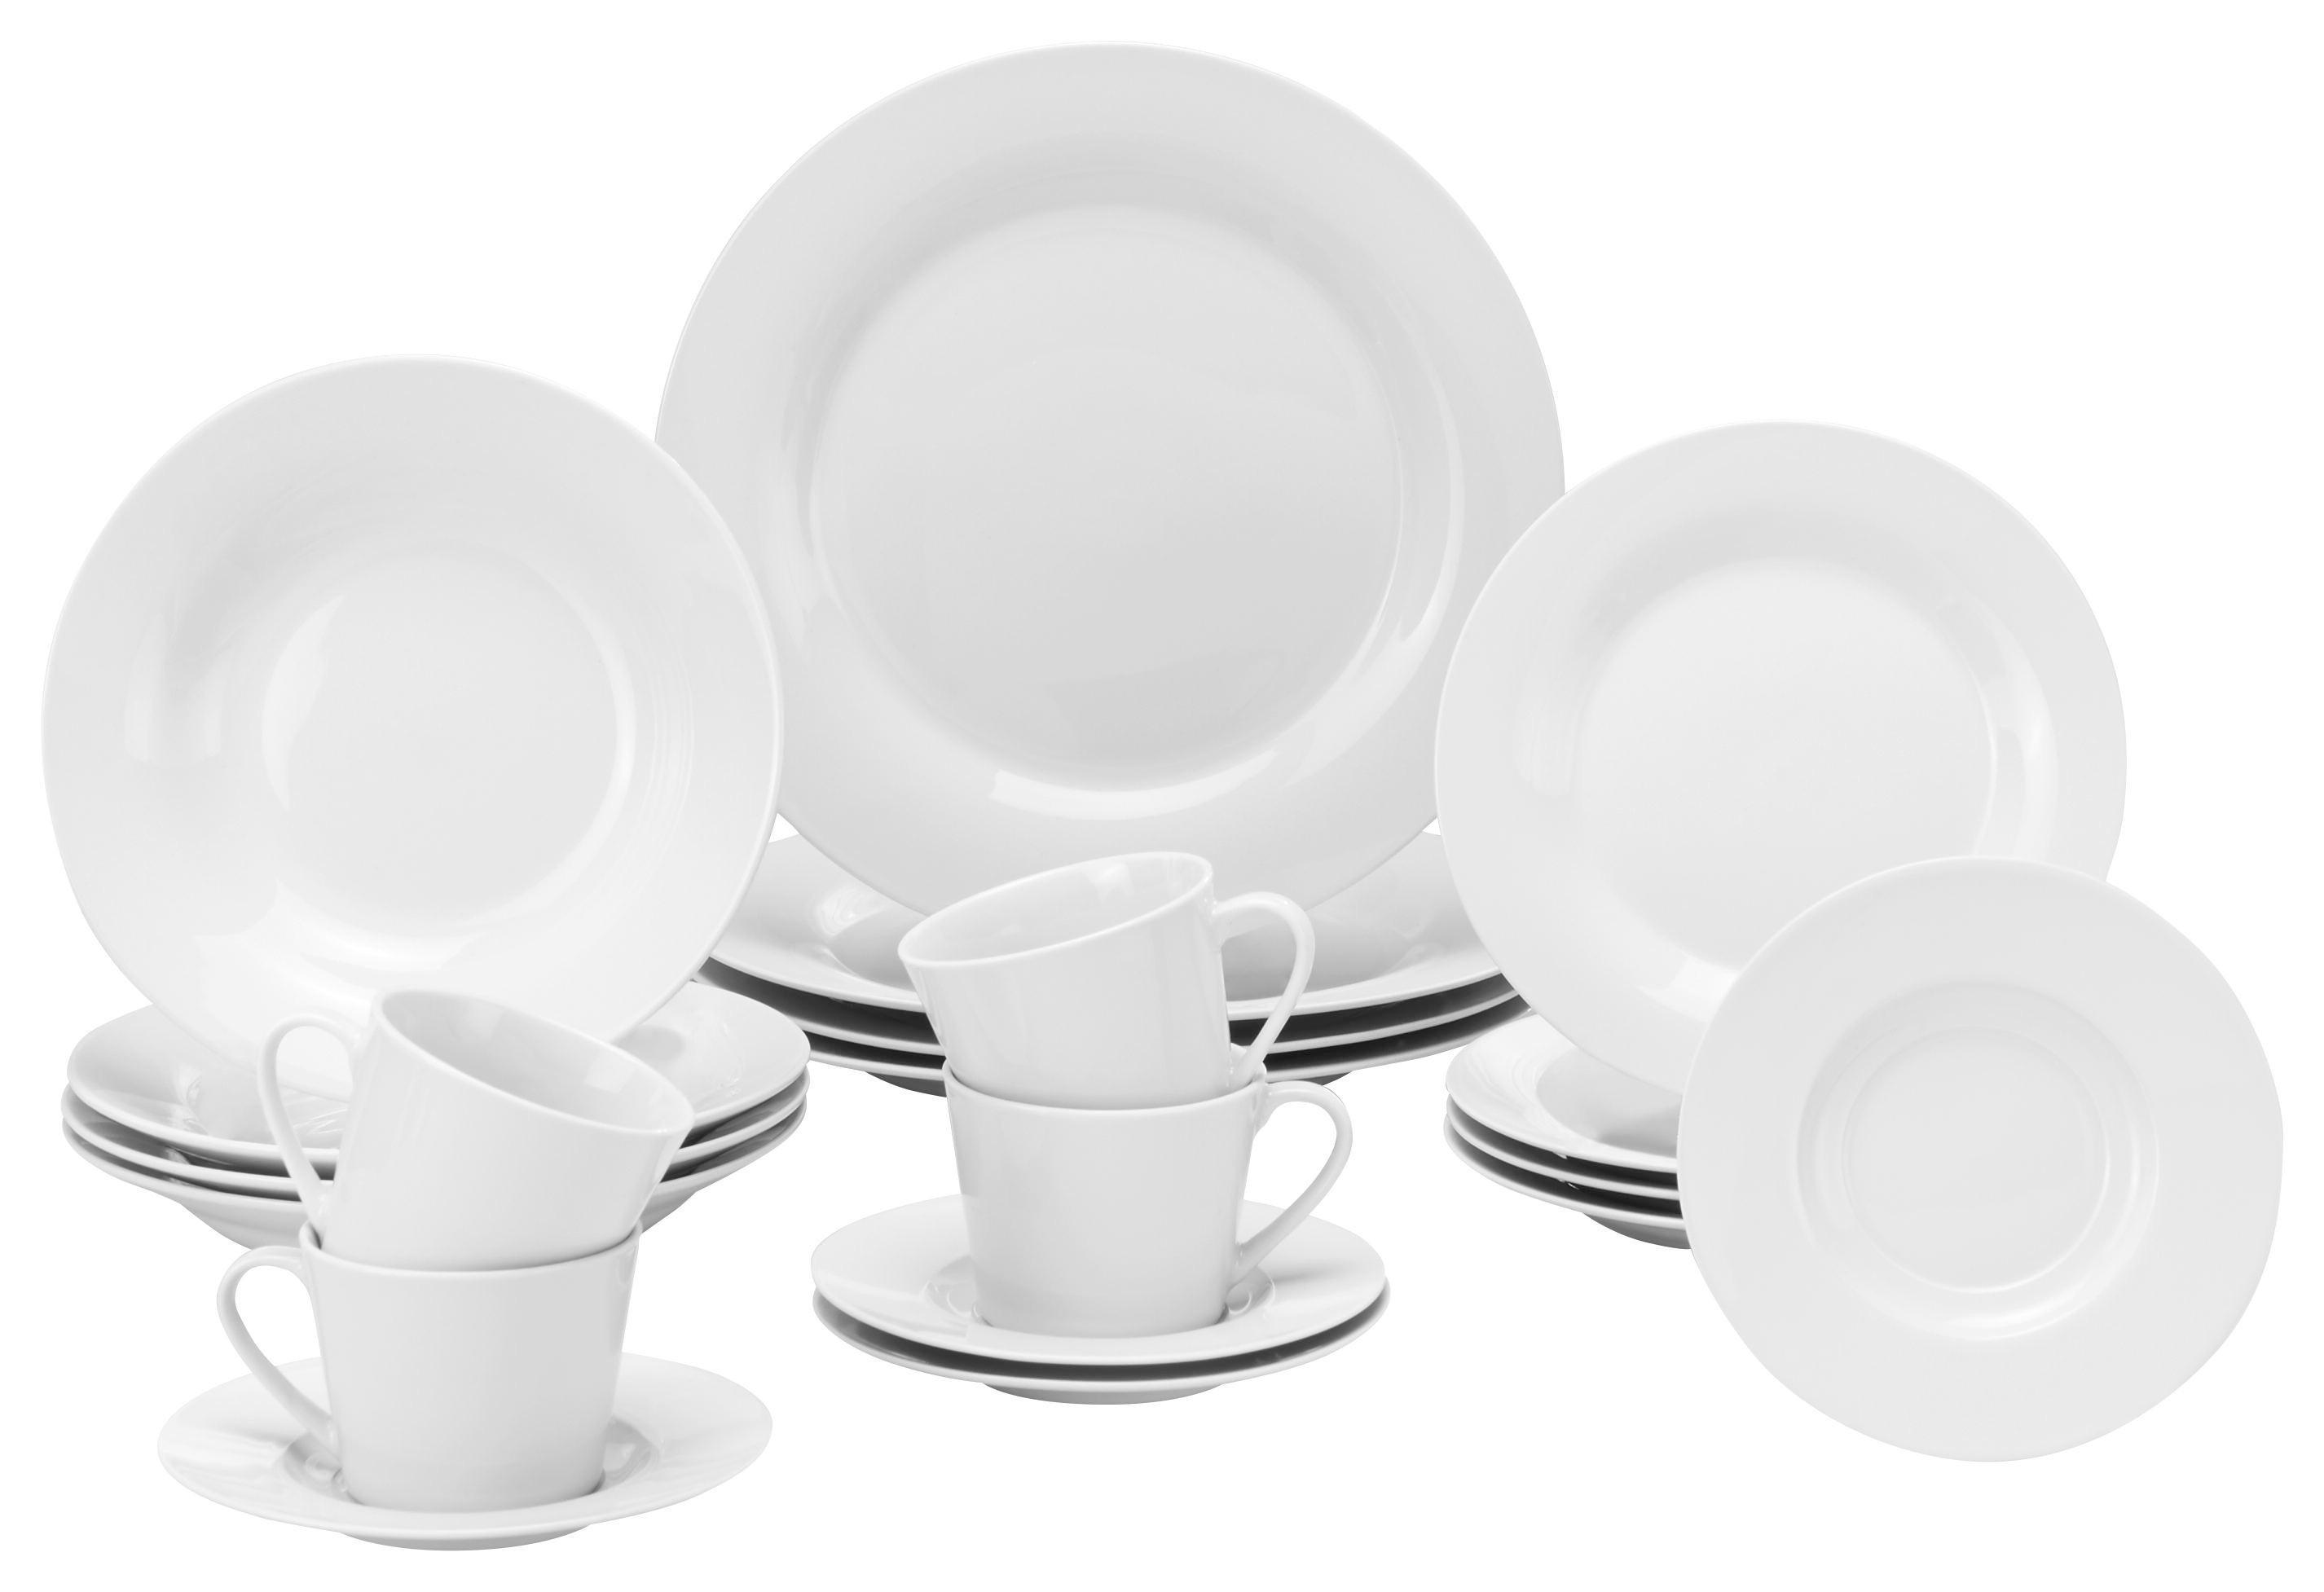 Kombiservice Lea in Weiß aus Porzellan - Weiß, KONVENTIONELL, Keramik - MÖMAX modern living